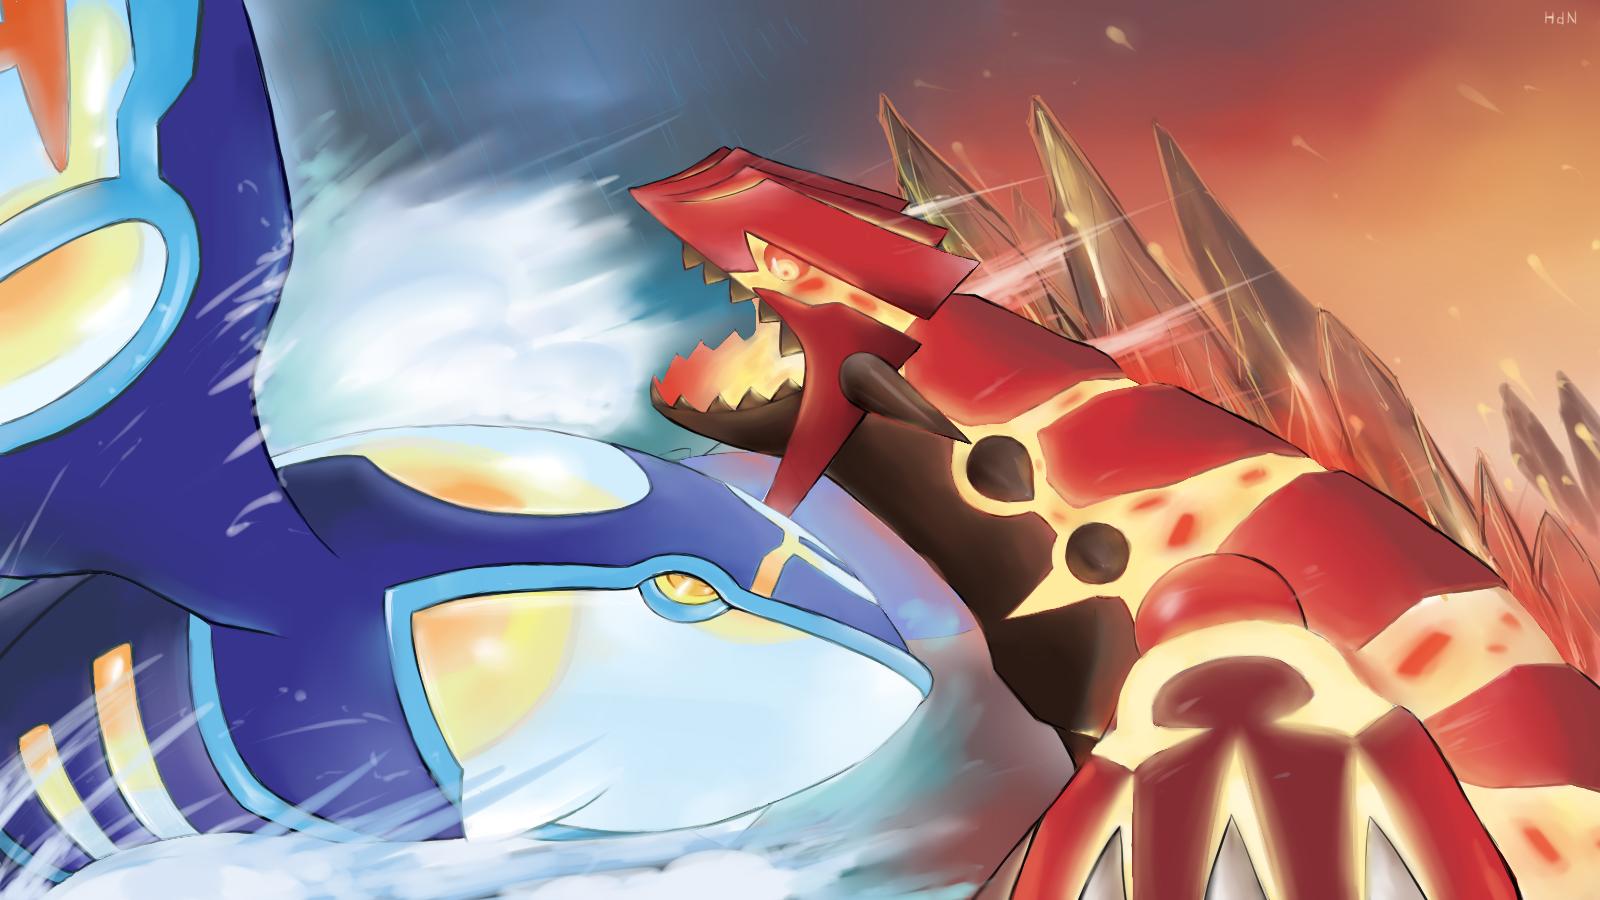 Speel online een pokemon spel waarin jij je eigen pokemon kan trainen Vang een pokemon of vecht met een andere trainer!